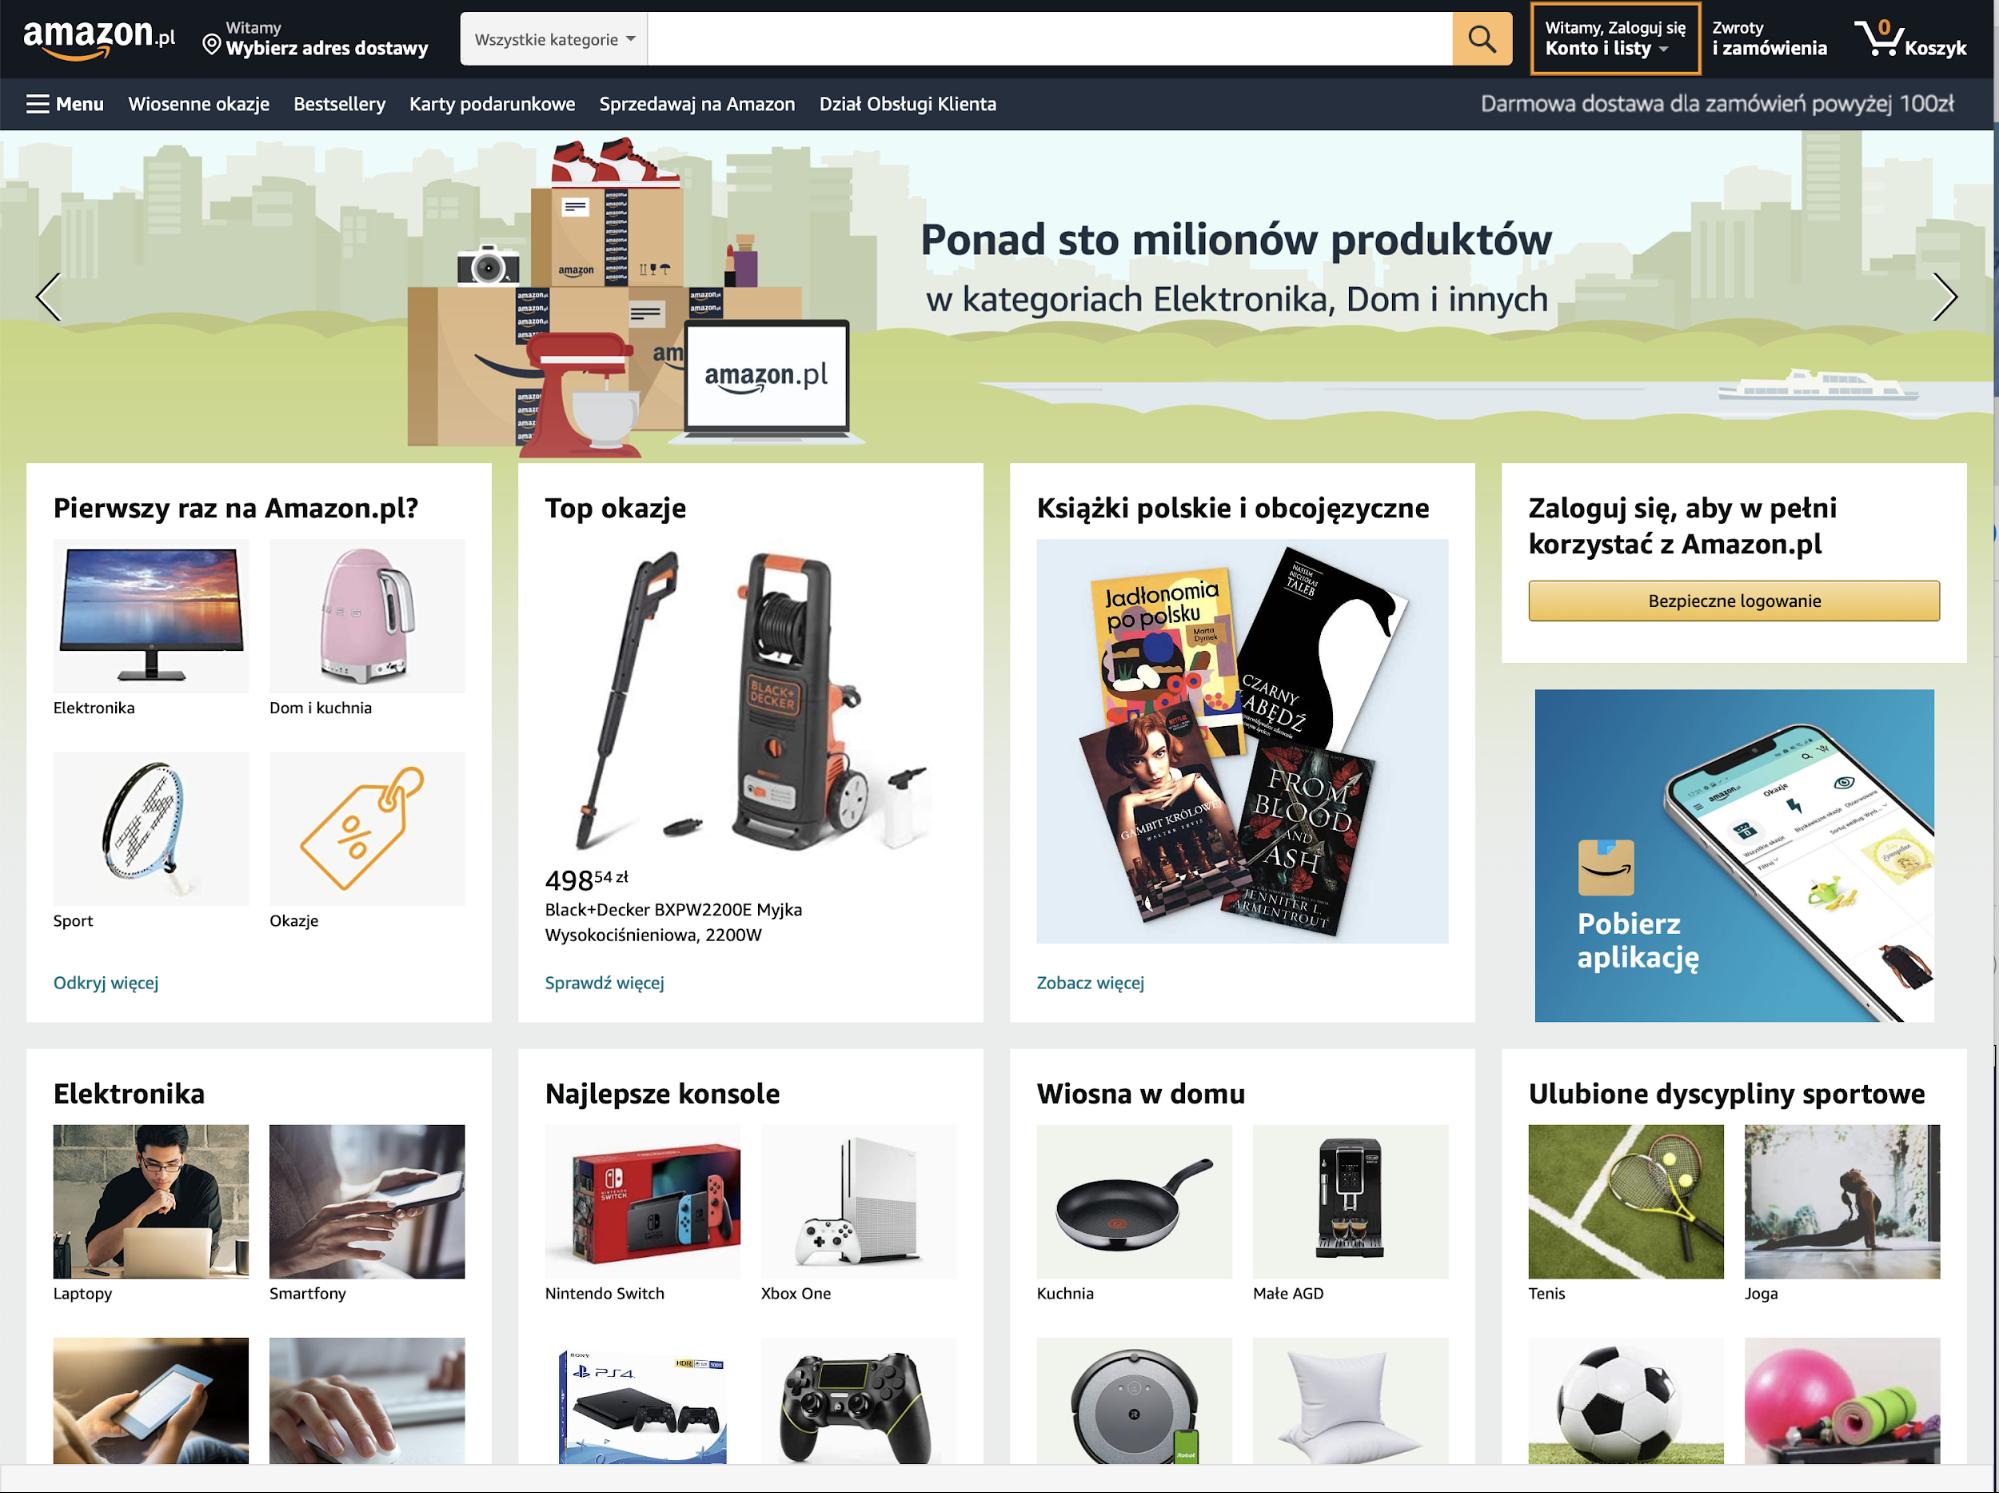 Amazon Poland